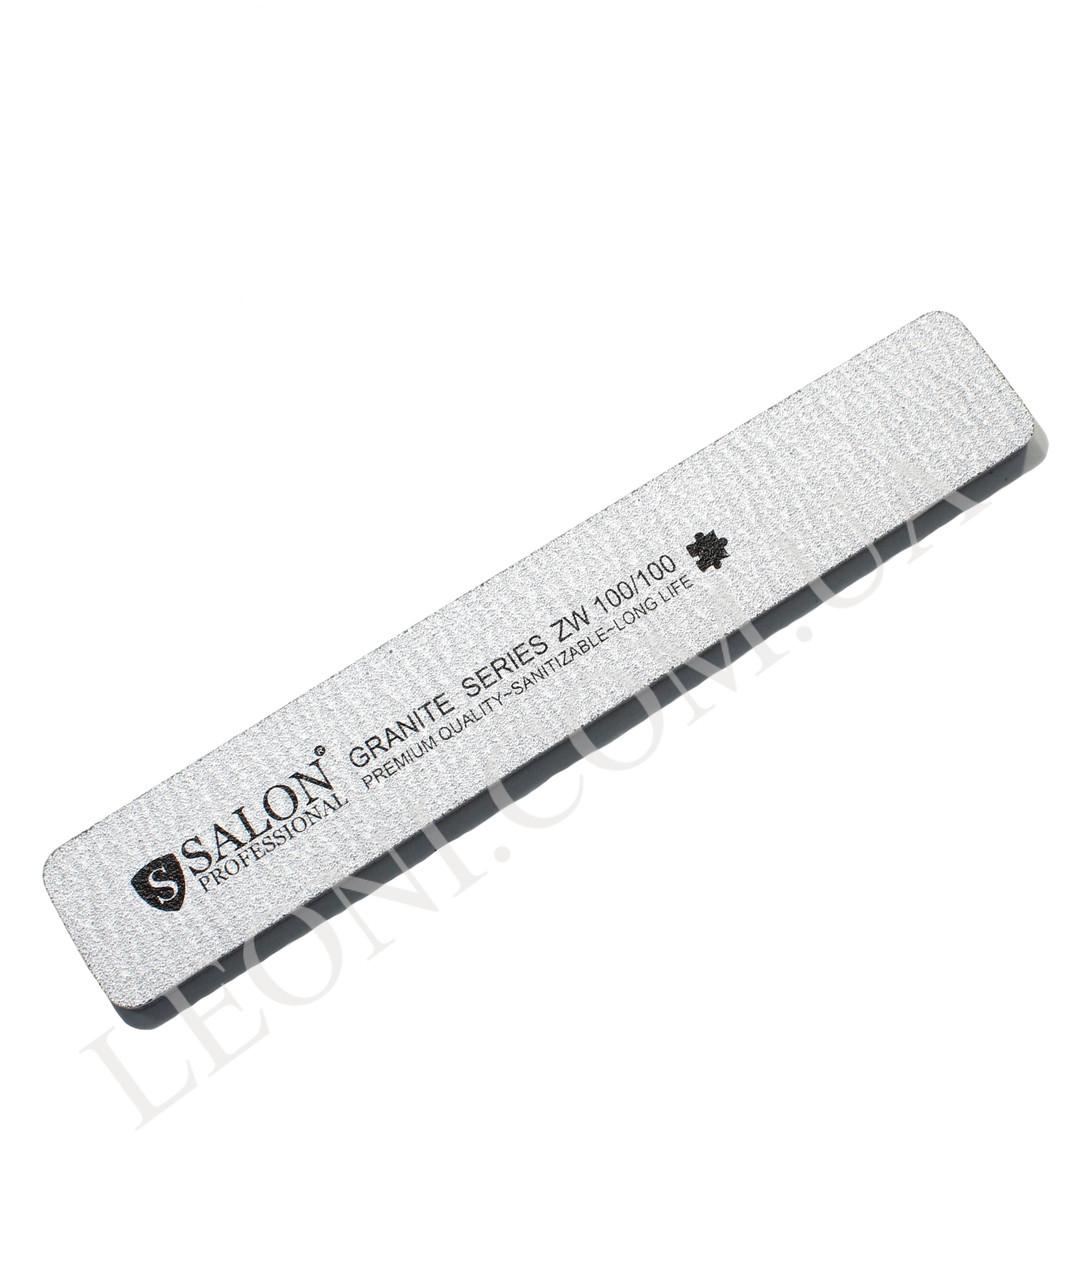 Пилка для ногтей Салон Salon 100/100 широкая серая.